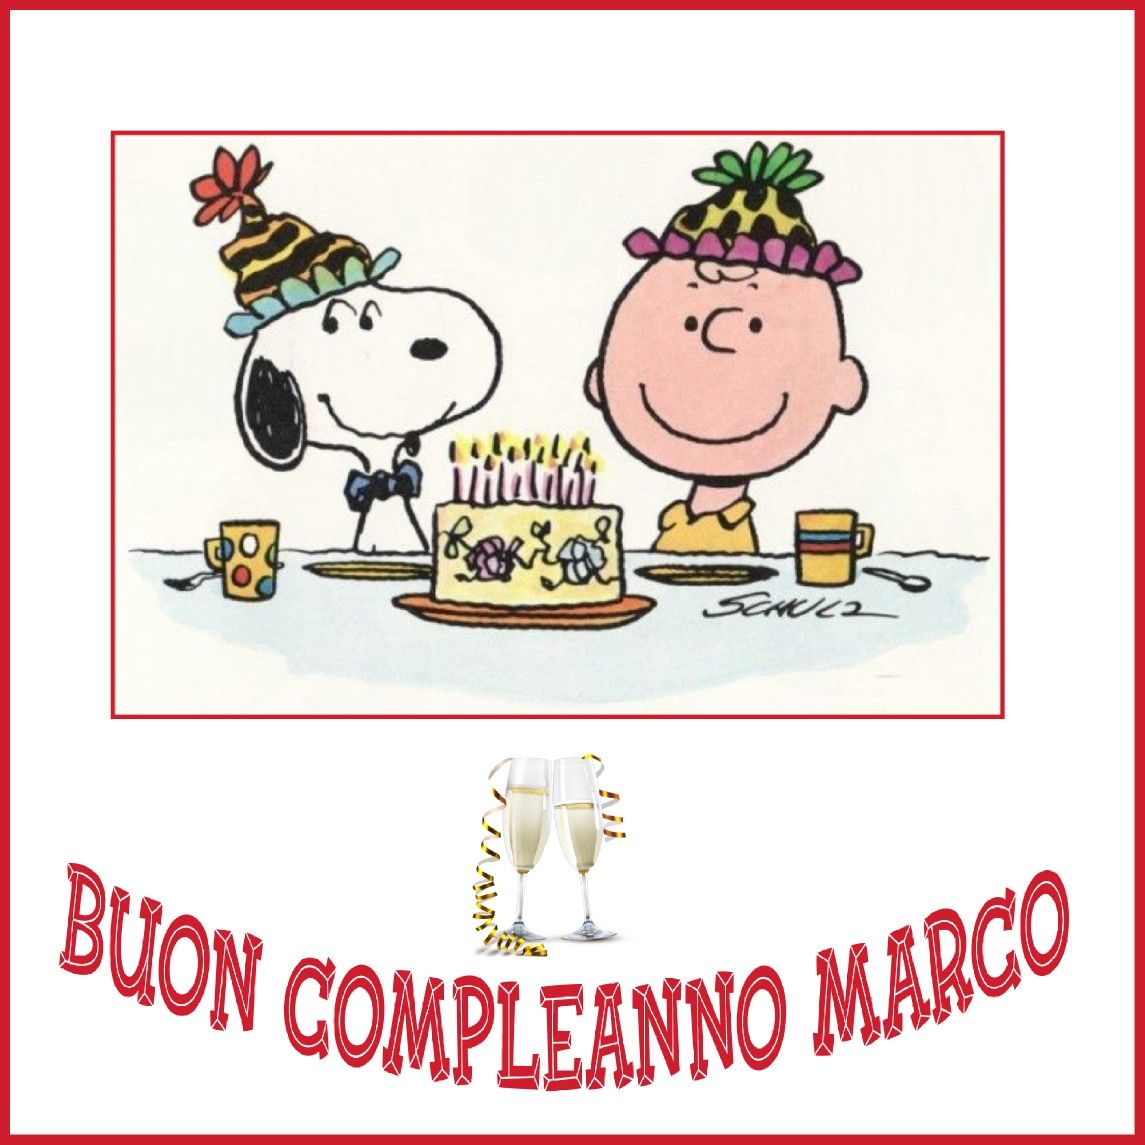 Buon Compleanno Marco Compleanni Onomastici E Anniversari